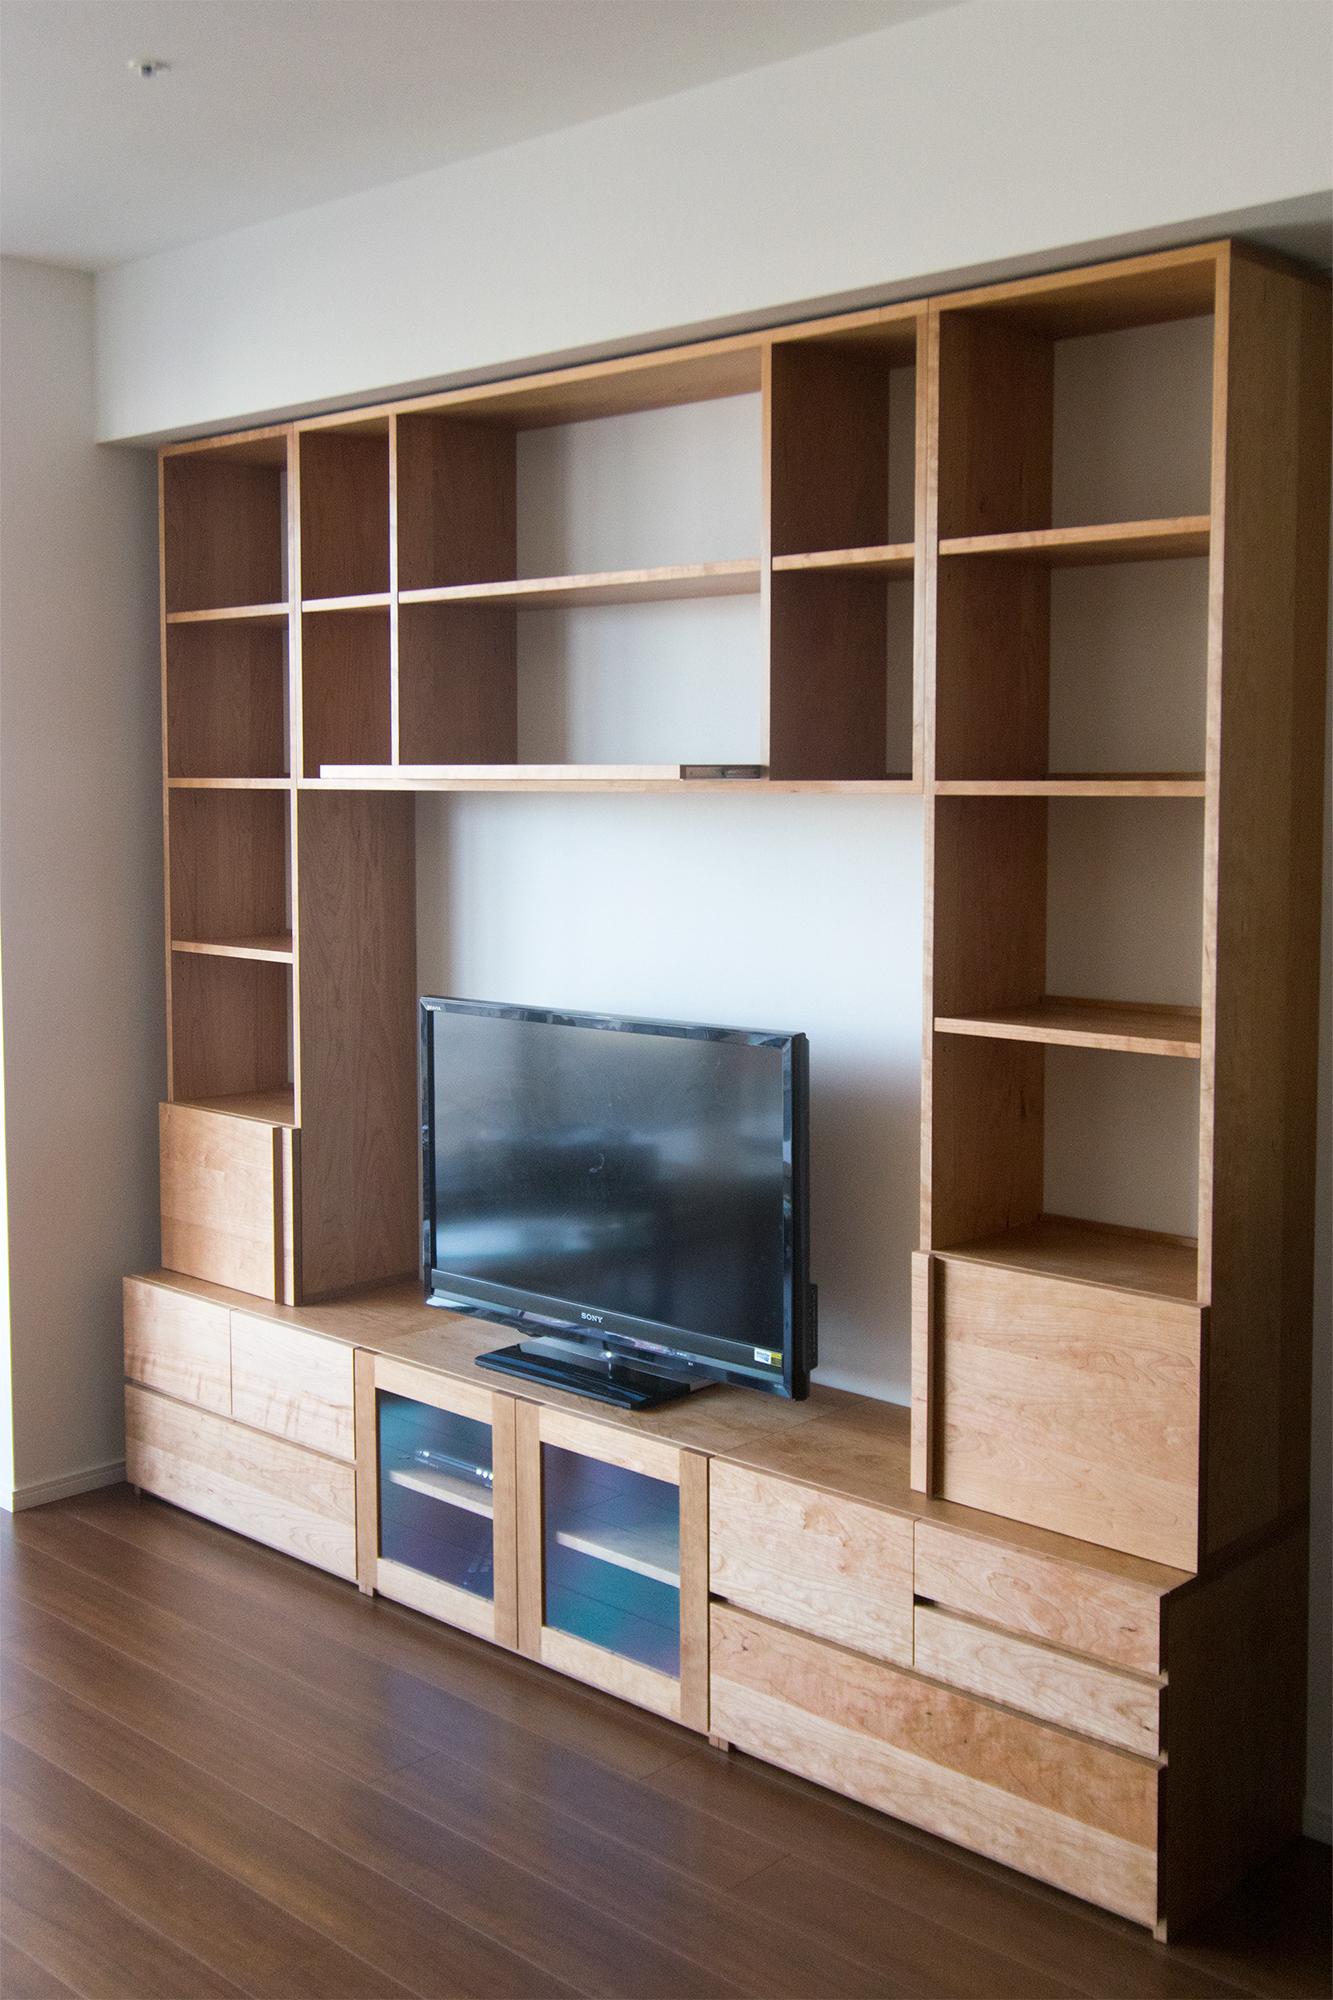 アメリカンチェリー材テレビボード 壁面収納